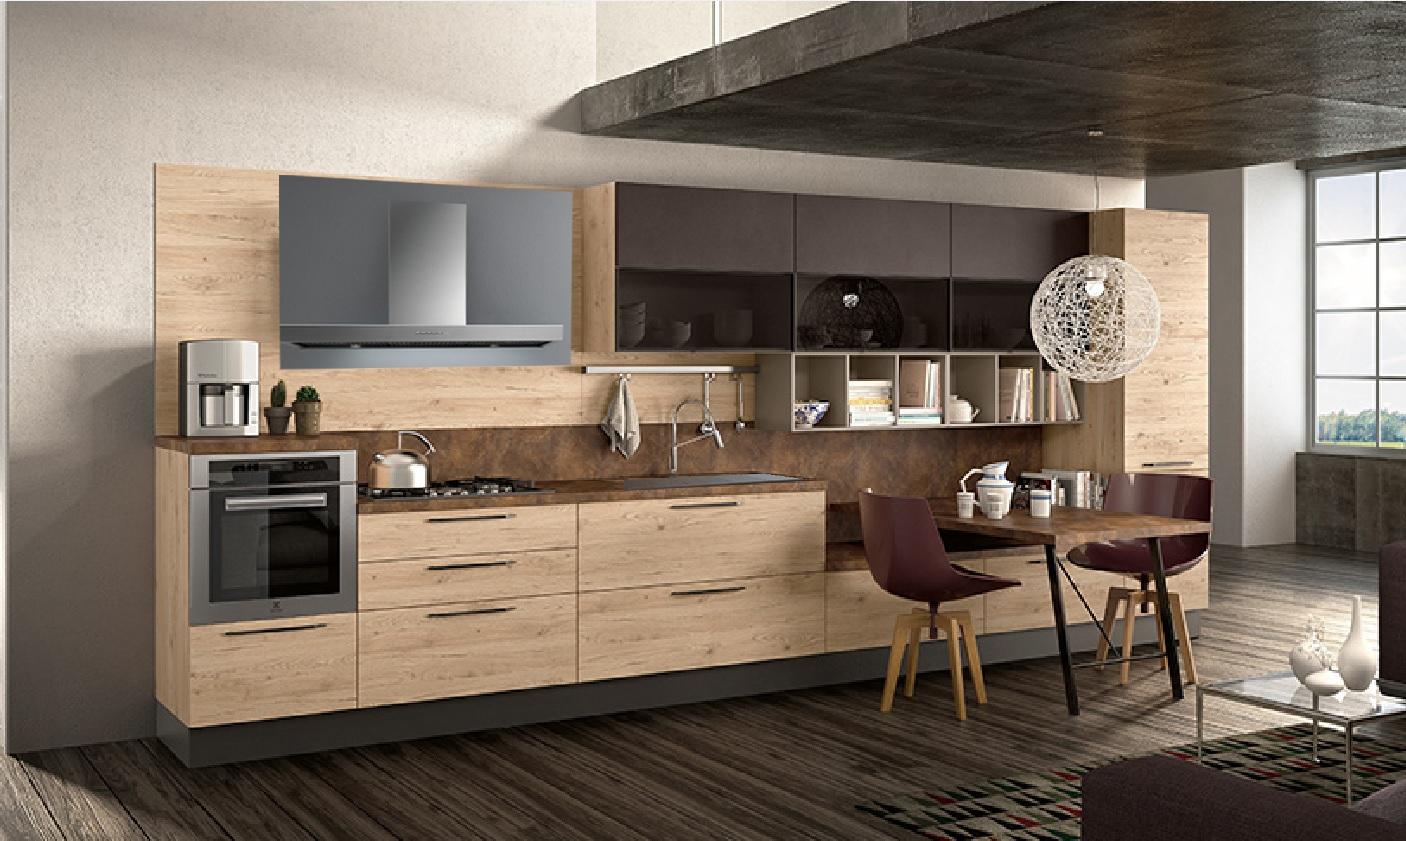 Cucina moderna lineare nature zen easy in offerta completa for Cucina elettrodomestico